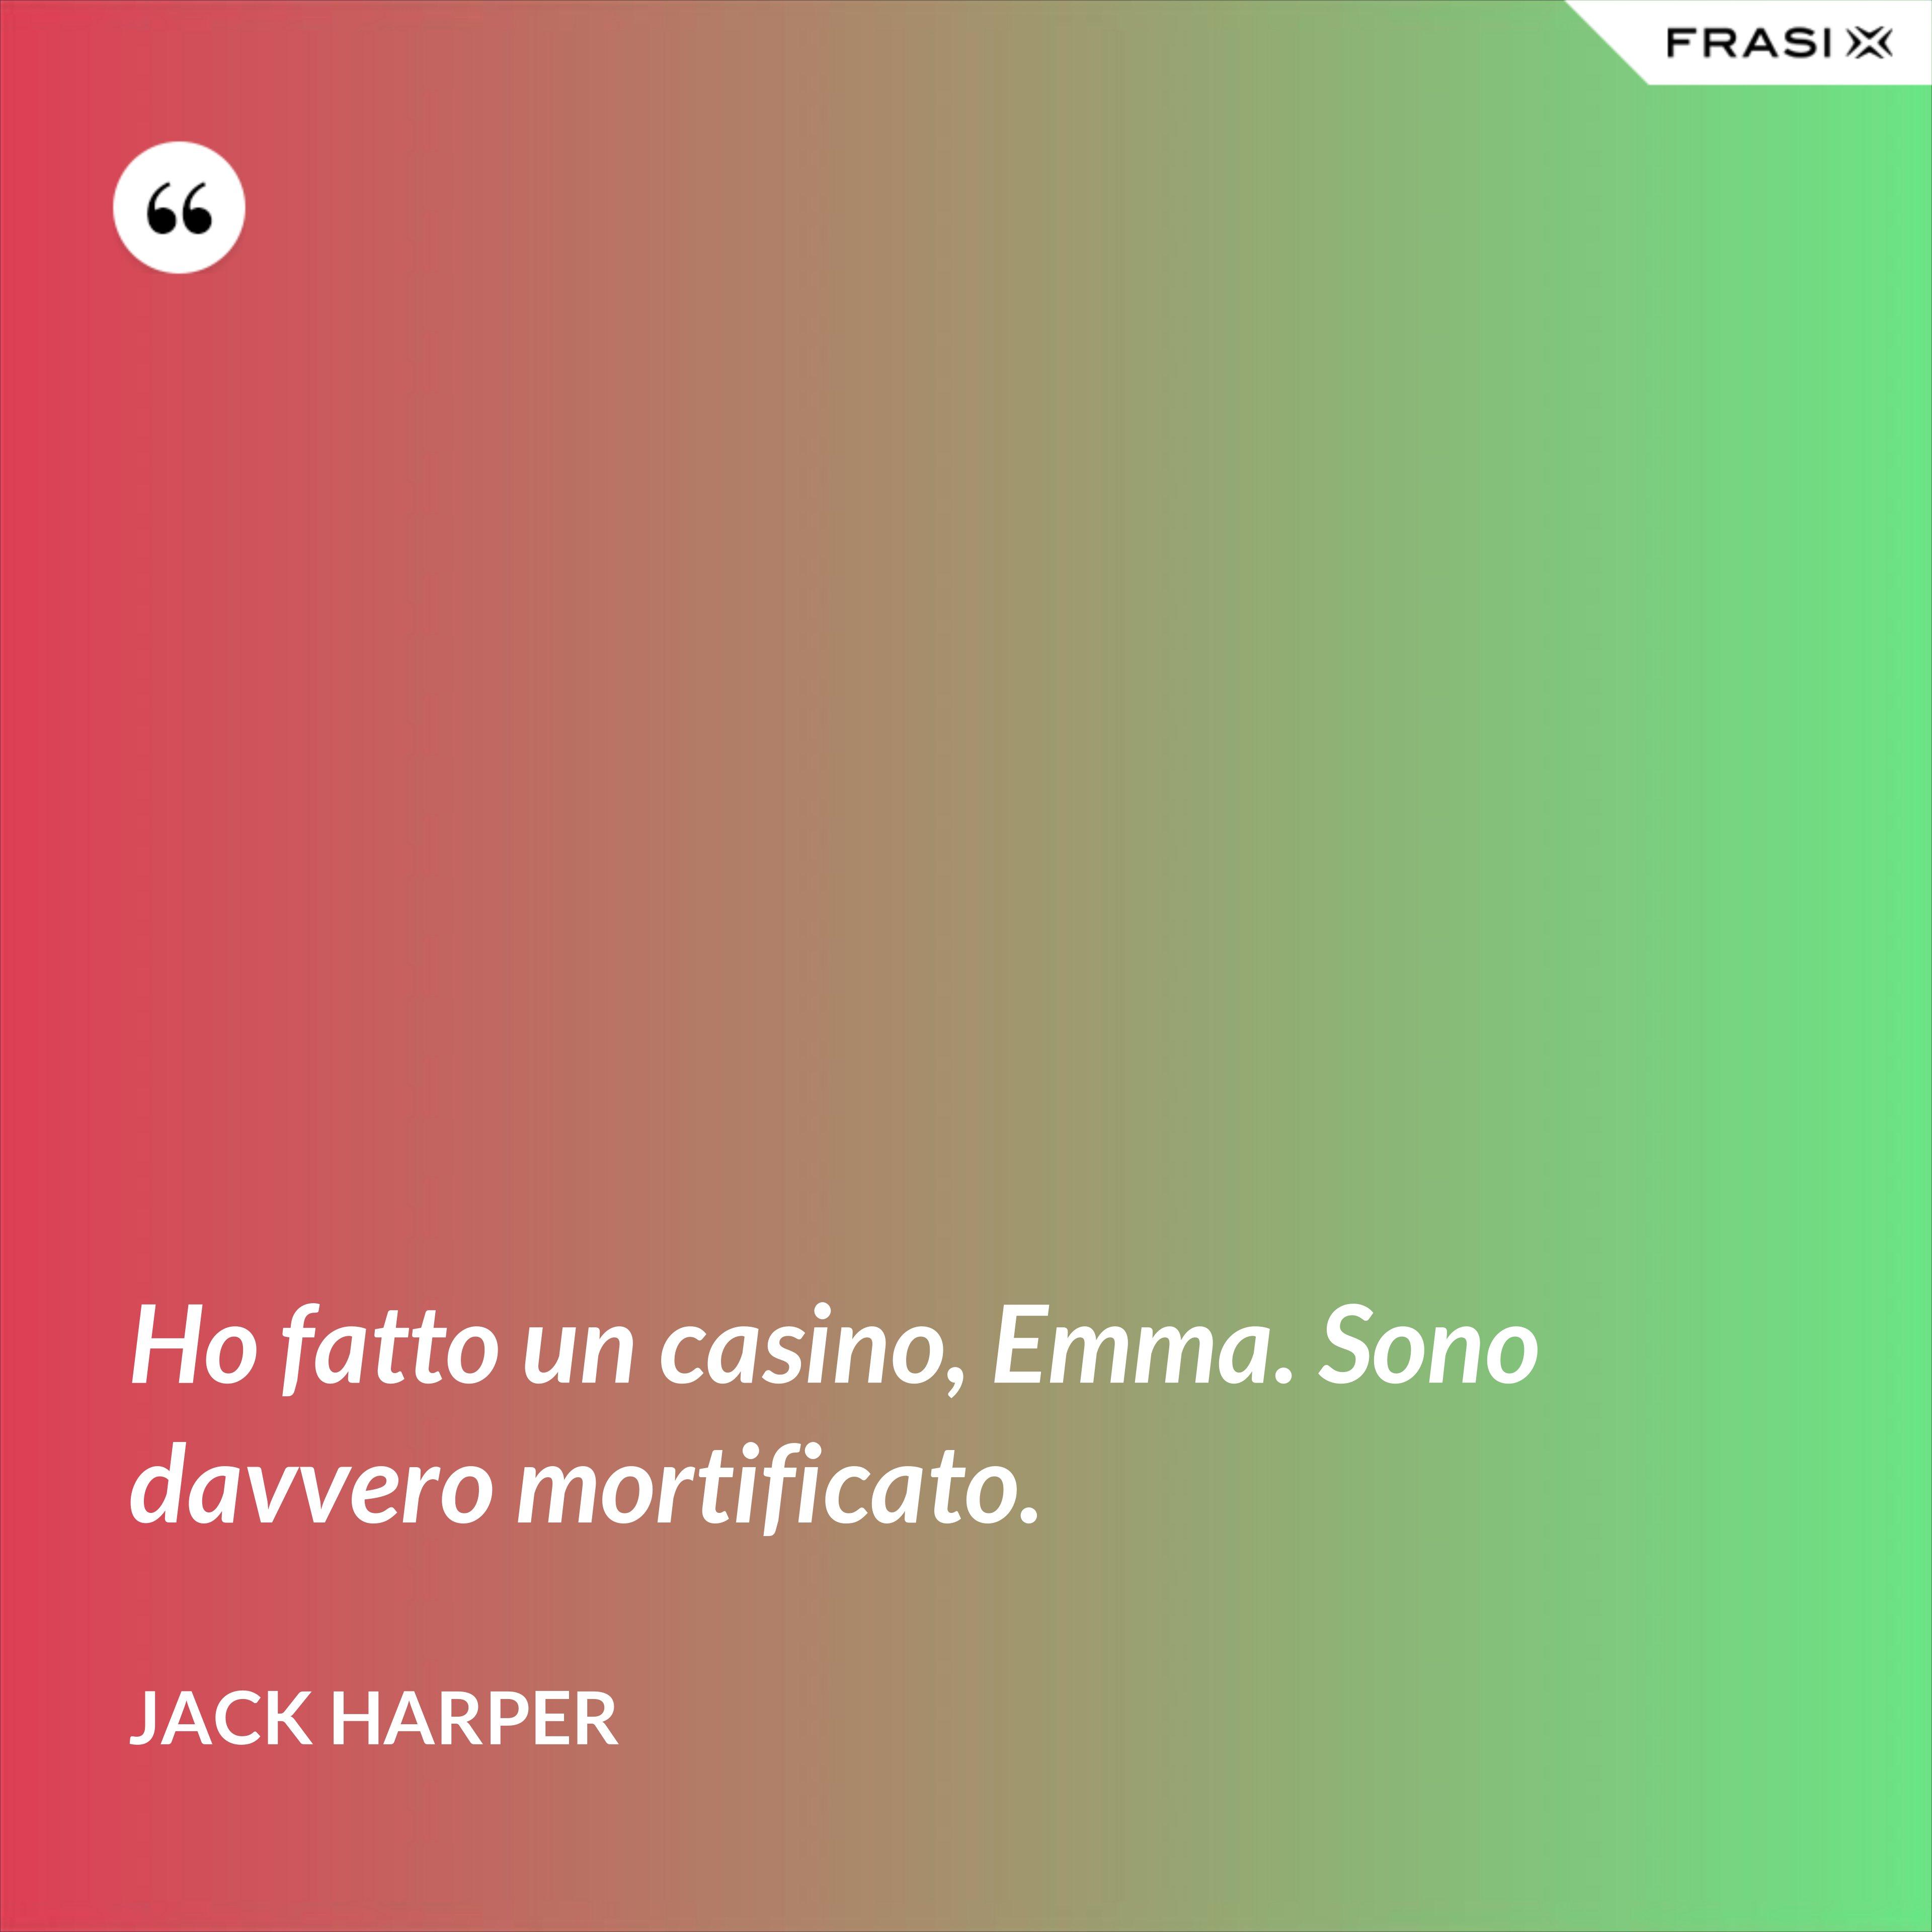 Ho fatto un casino, Emma. Sono davvero mortificato. - Jack Harper